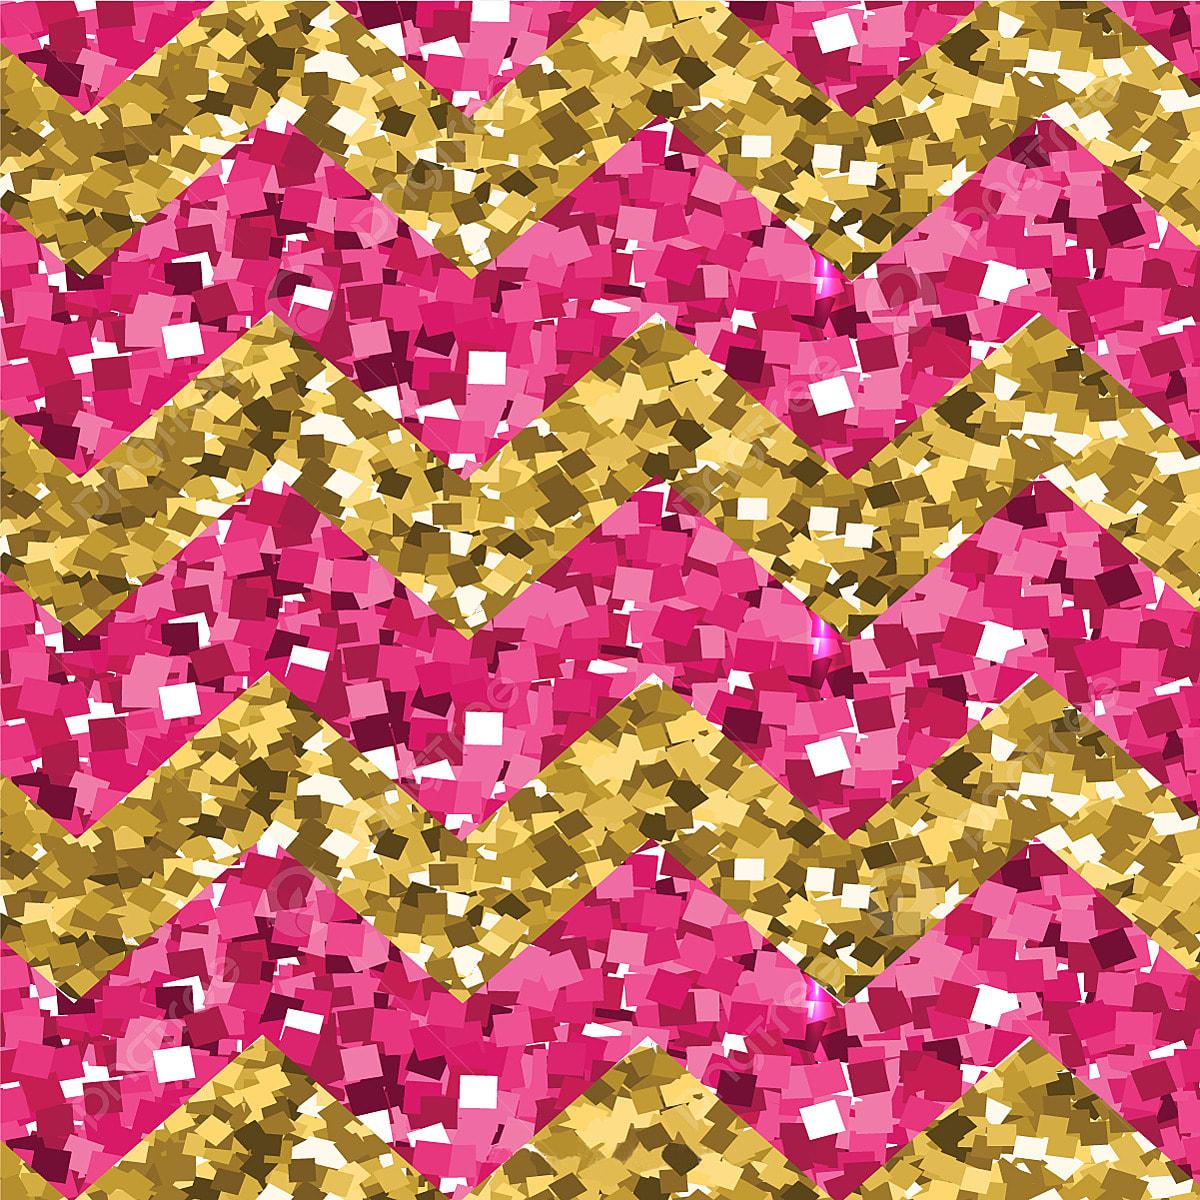 узнать где розовый с золотым картинки керамическая